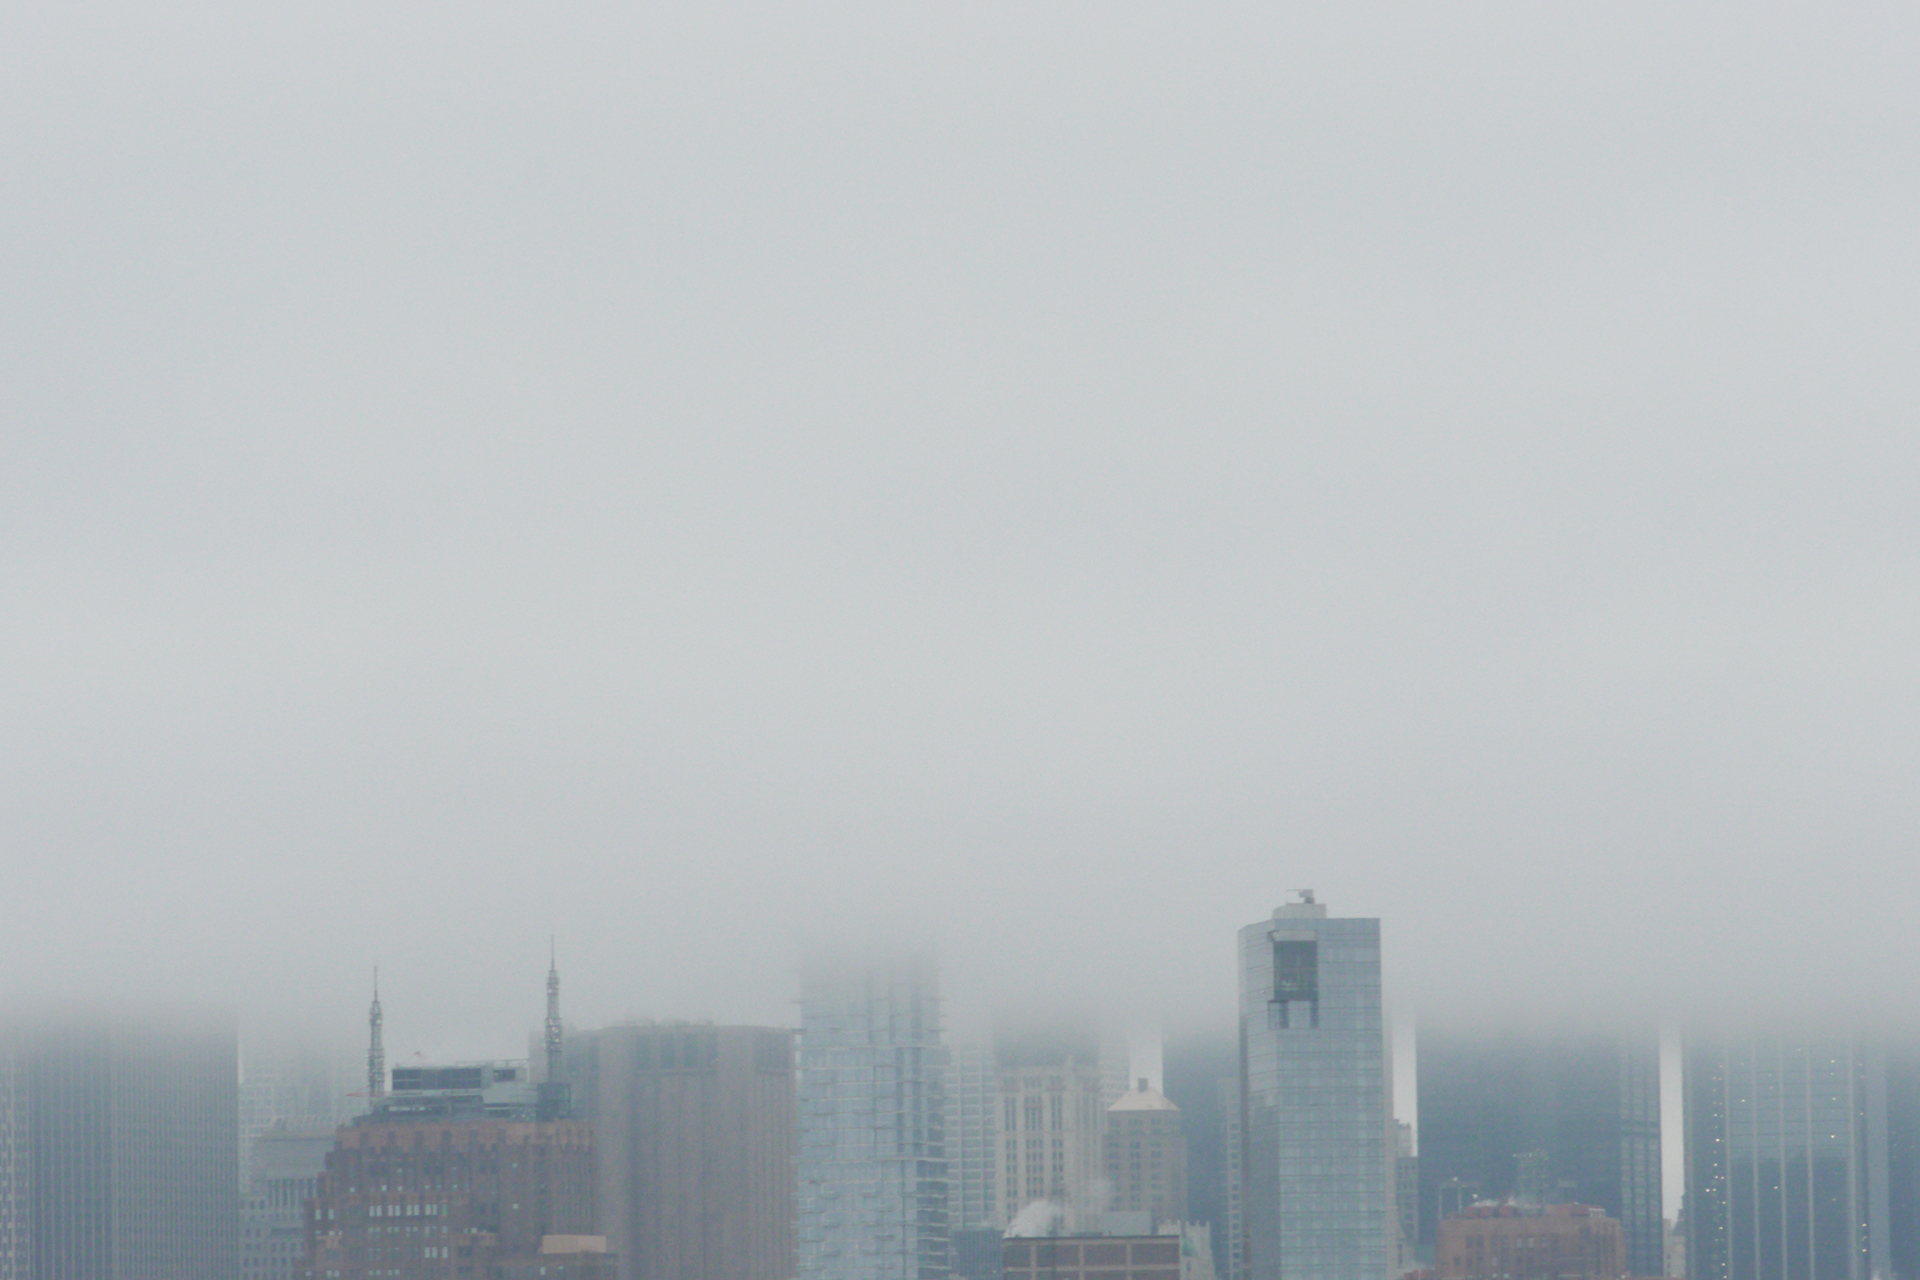 10_fog1_eauer